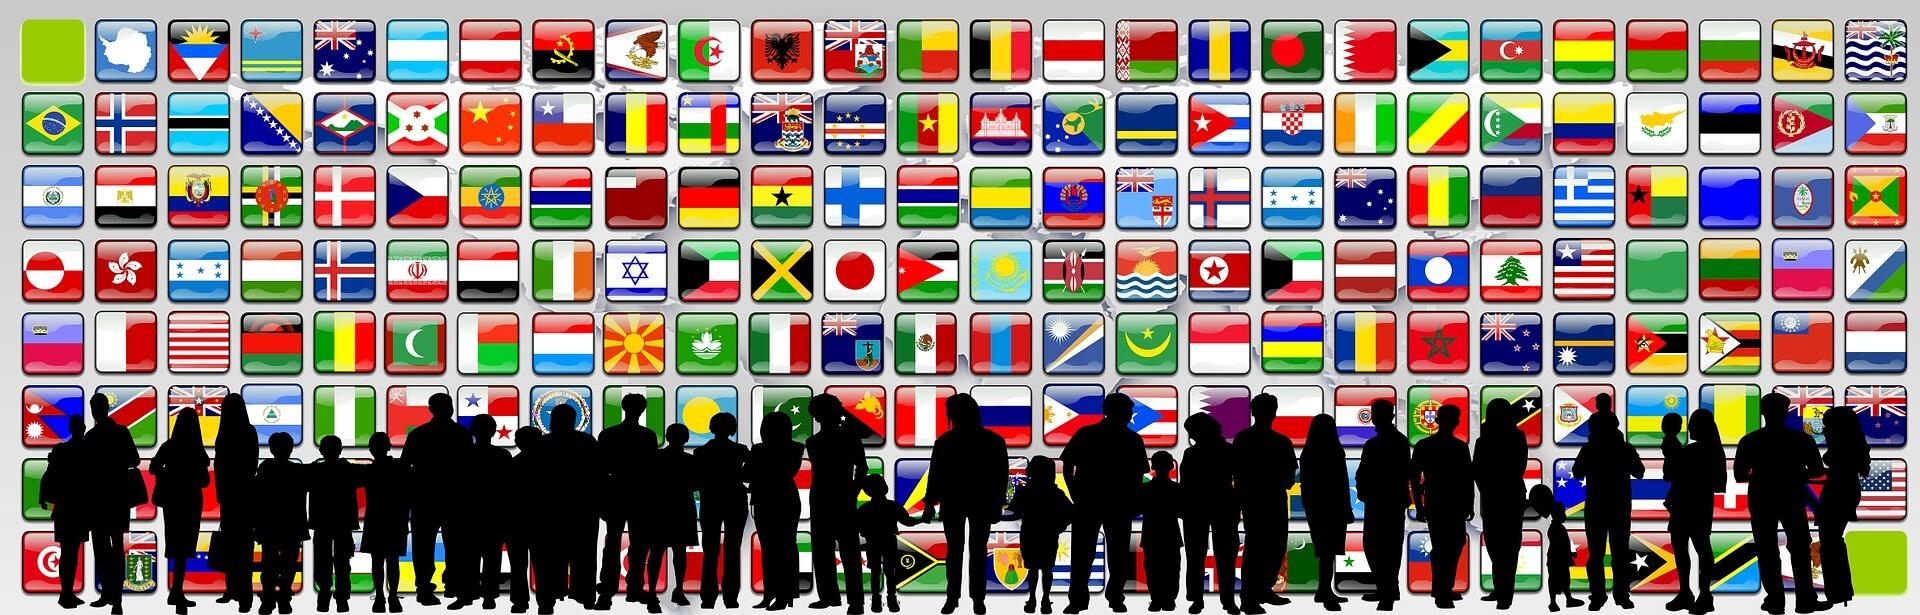 失敗しない海外採用とは? | 海外ビジネスにおける4つの人材採用方法